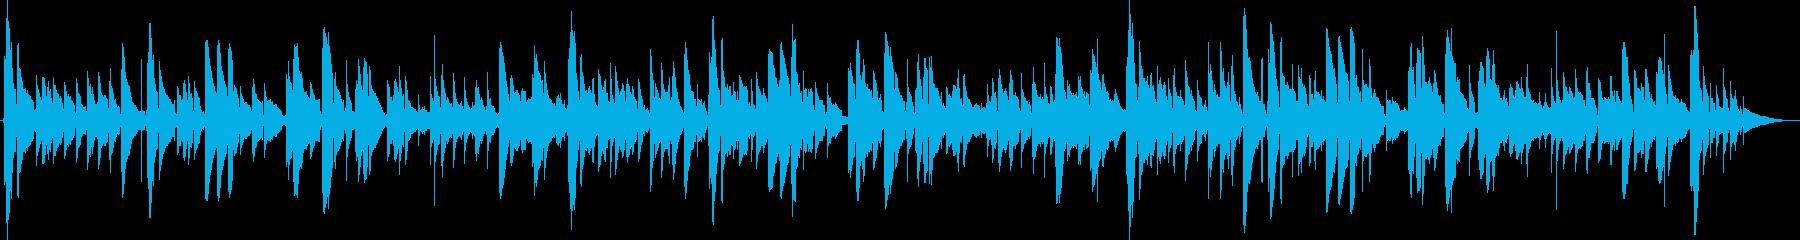 ジュピター アコギ演奏 感動的 結婚式の再生済みの波形